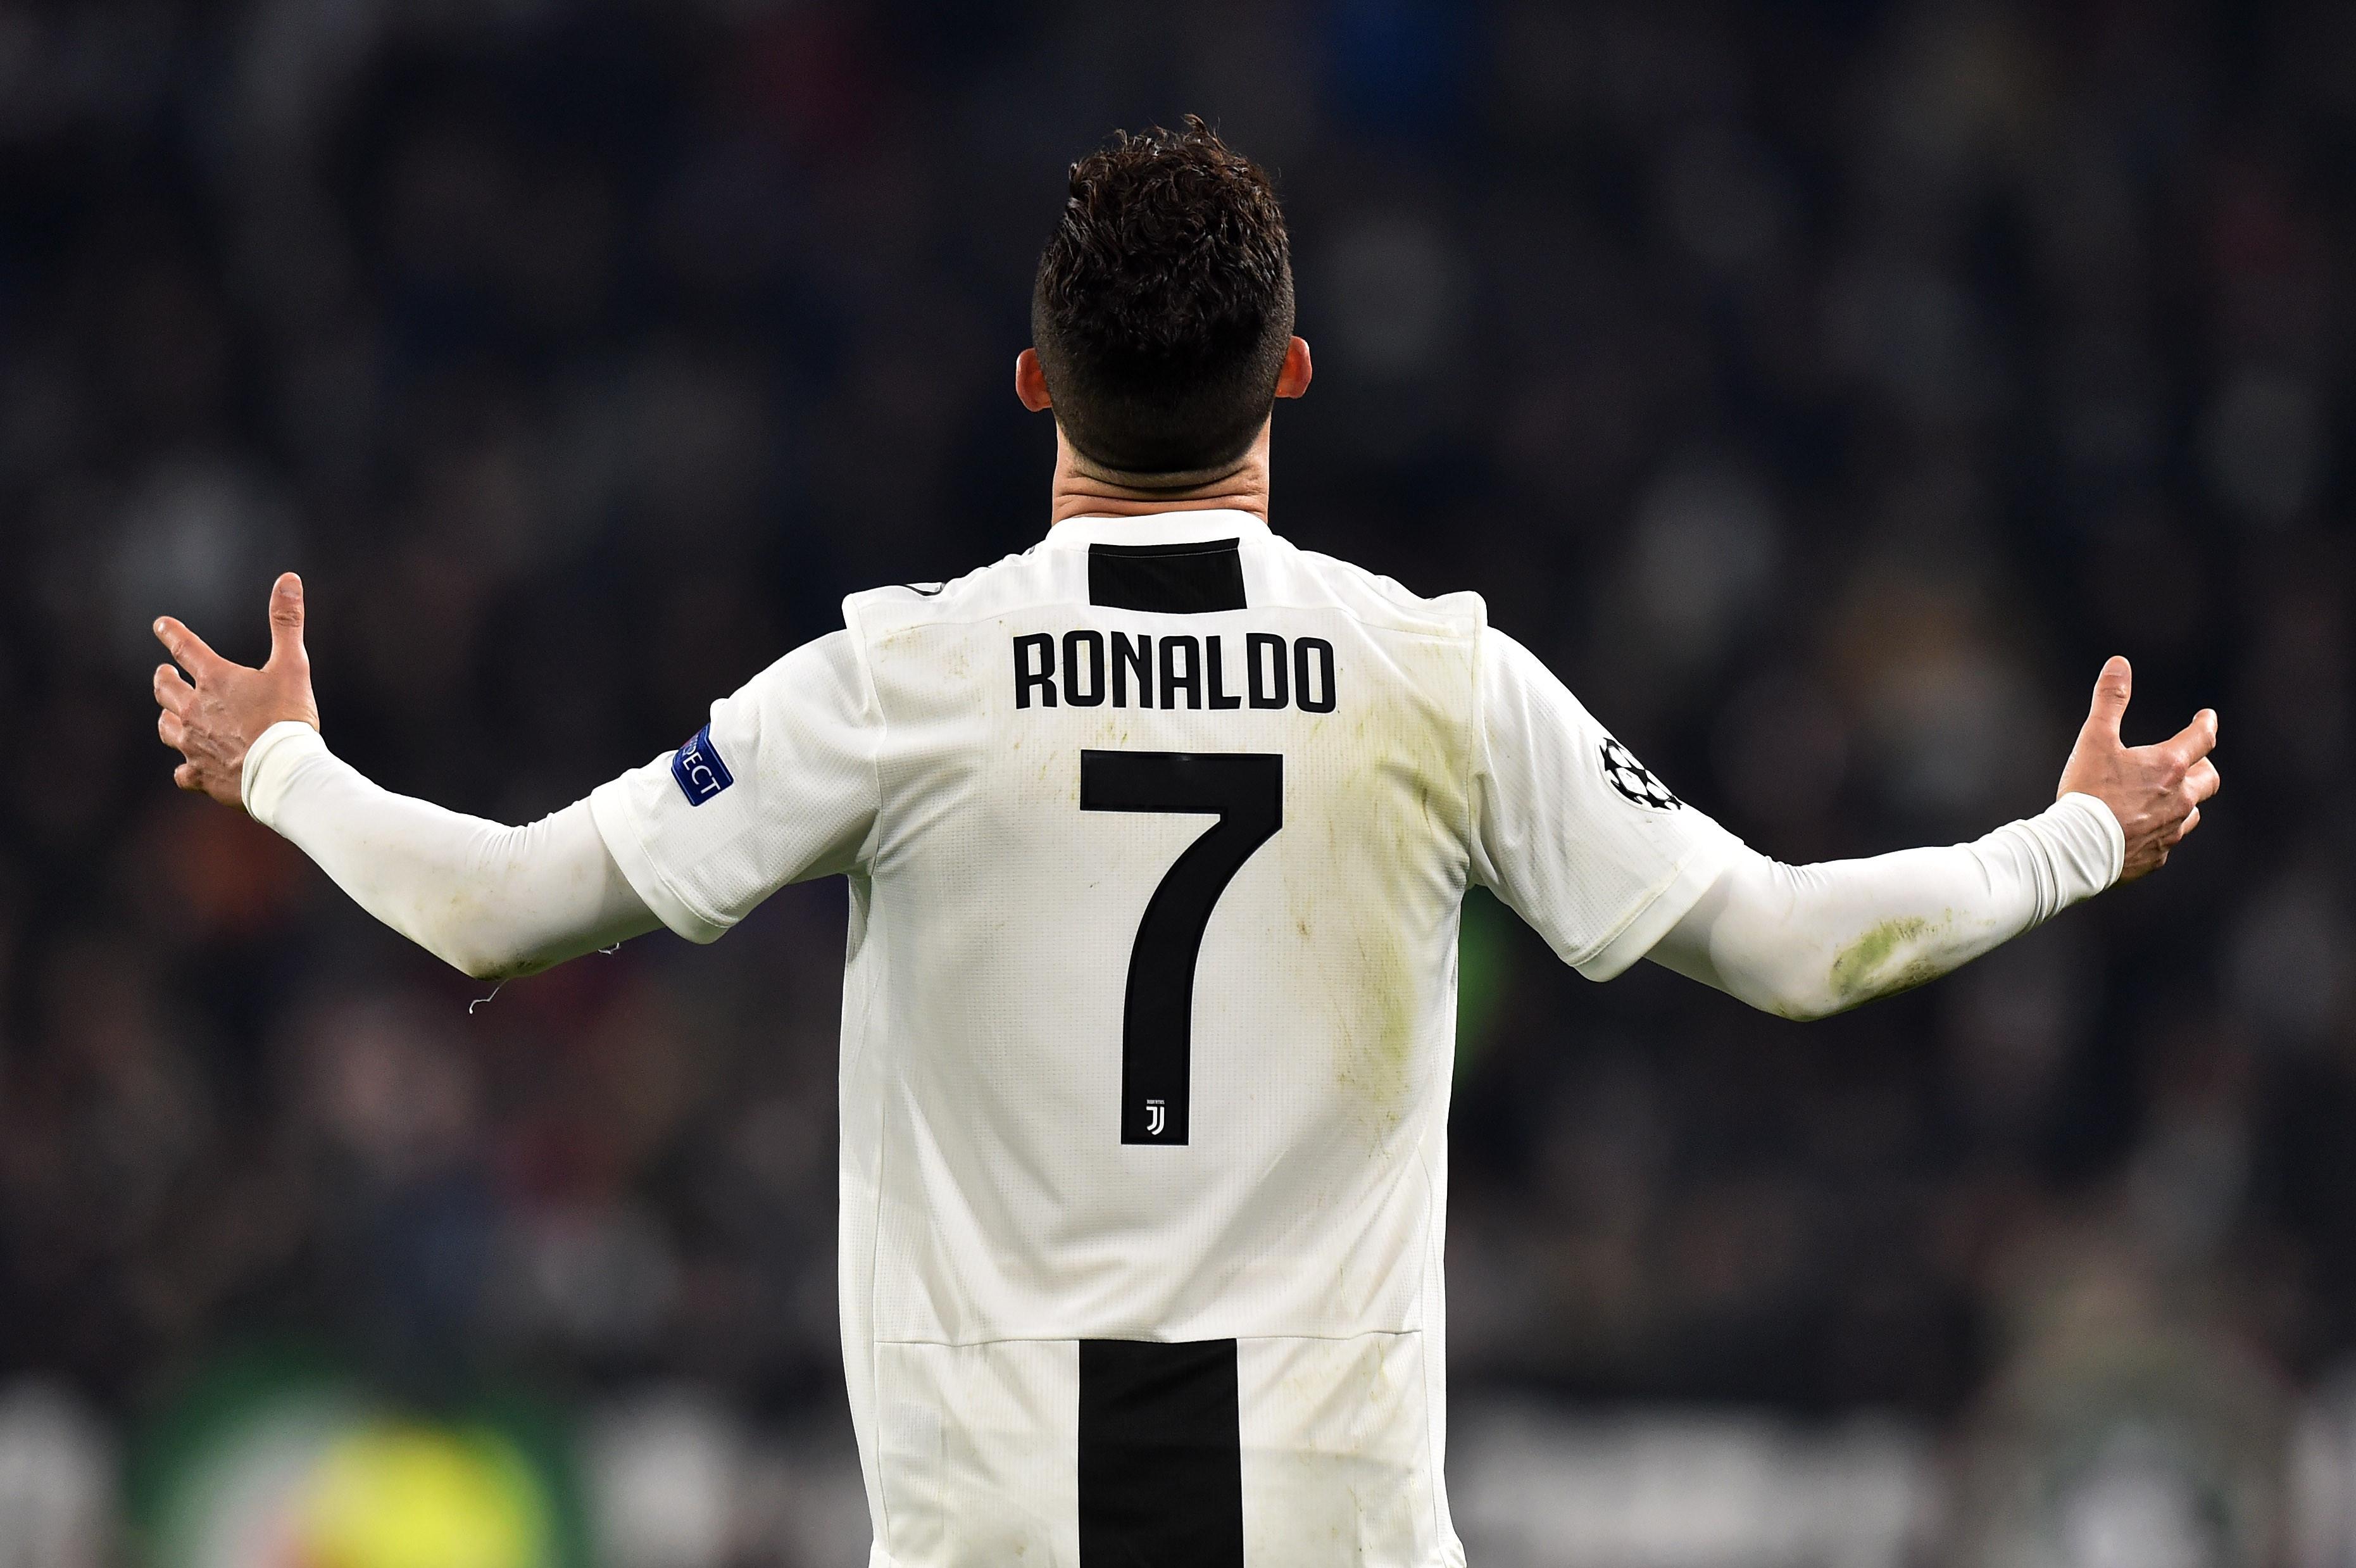 A promessa feita por Cristiano Ronaldo à família antes da mítica exibição